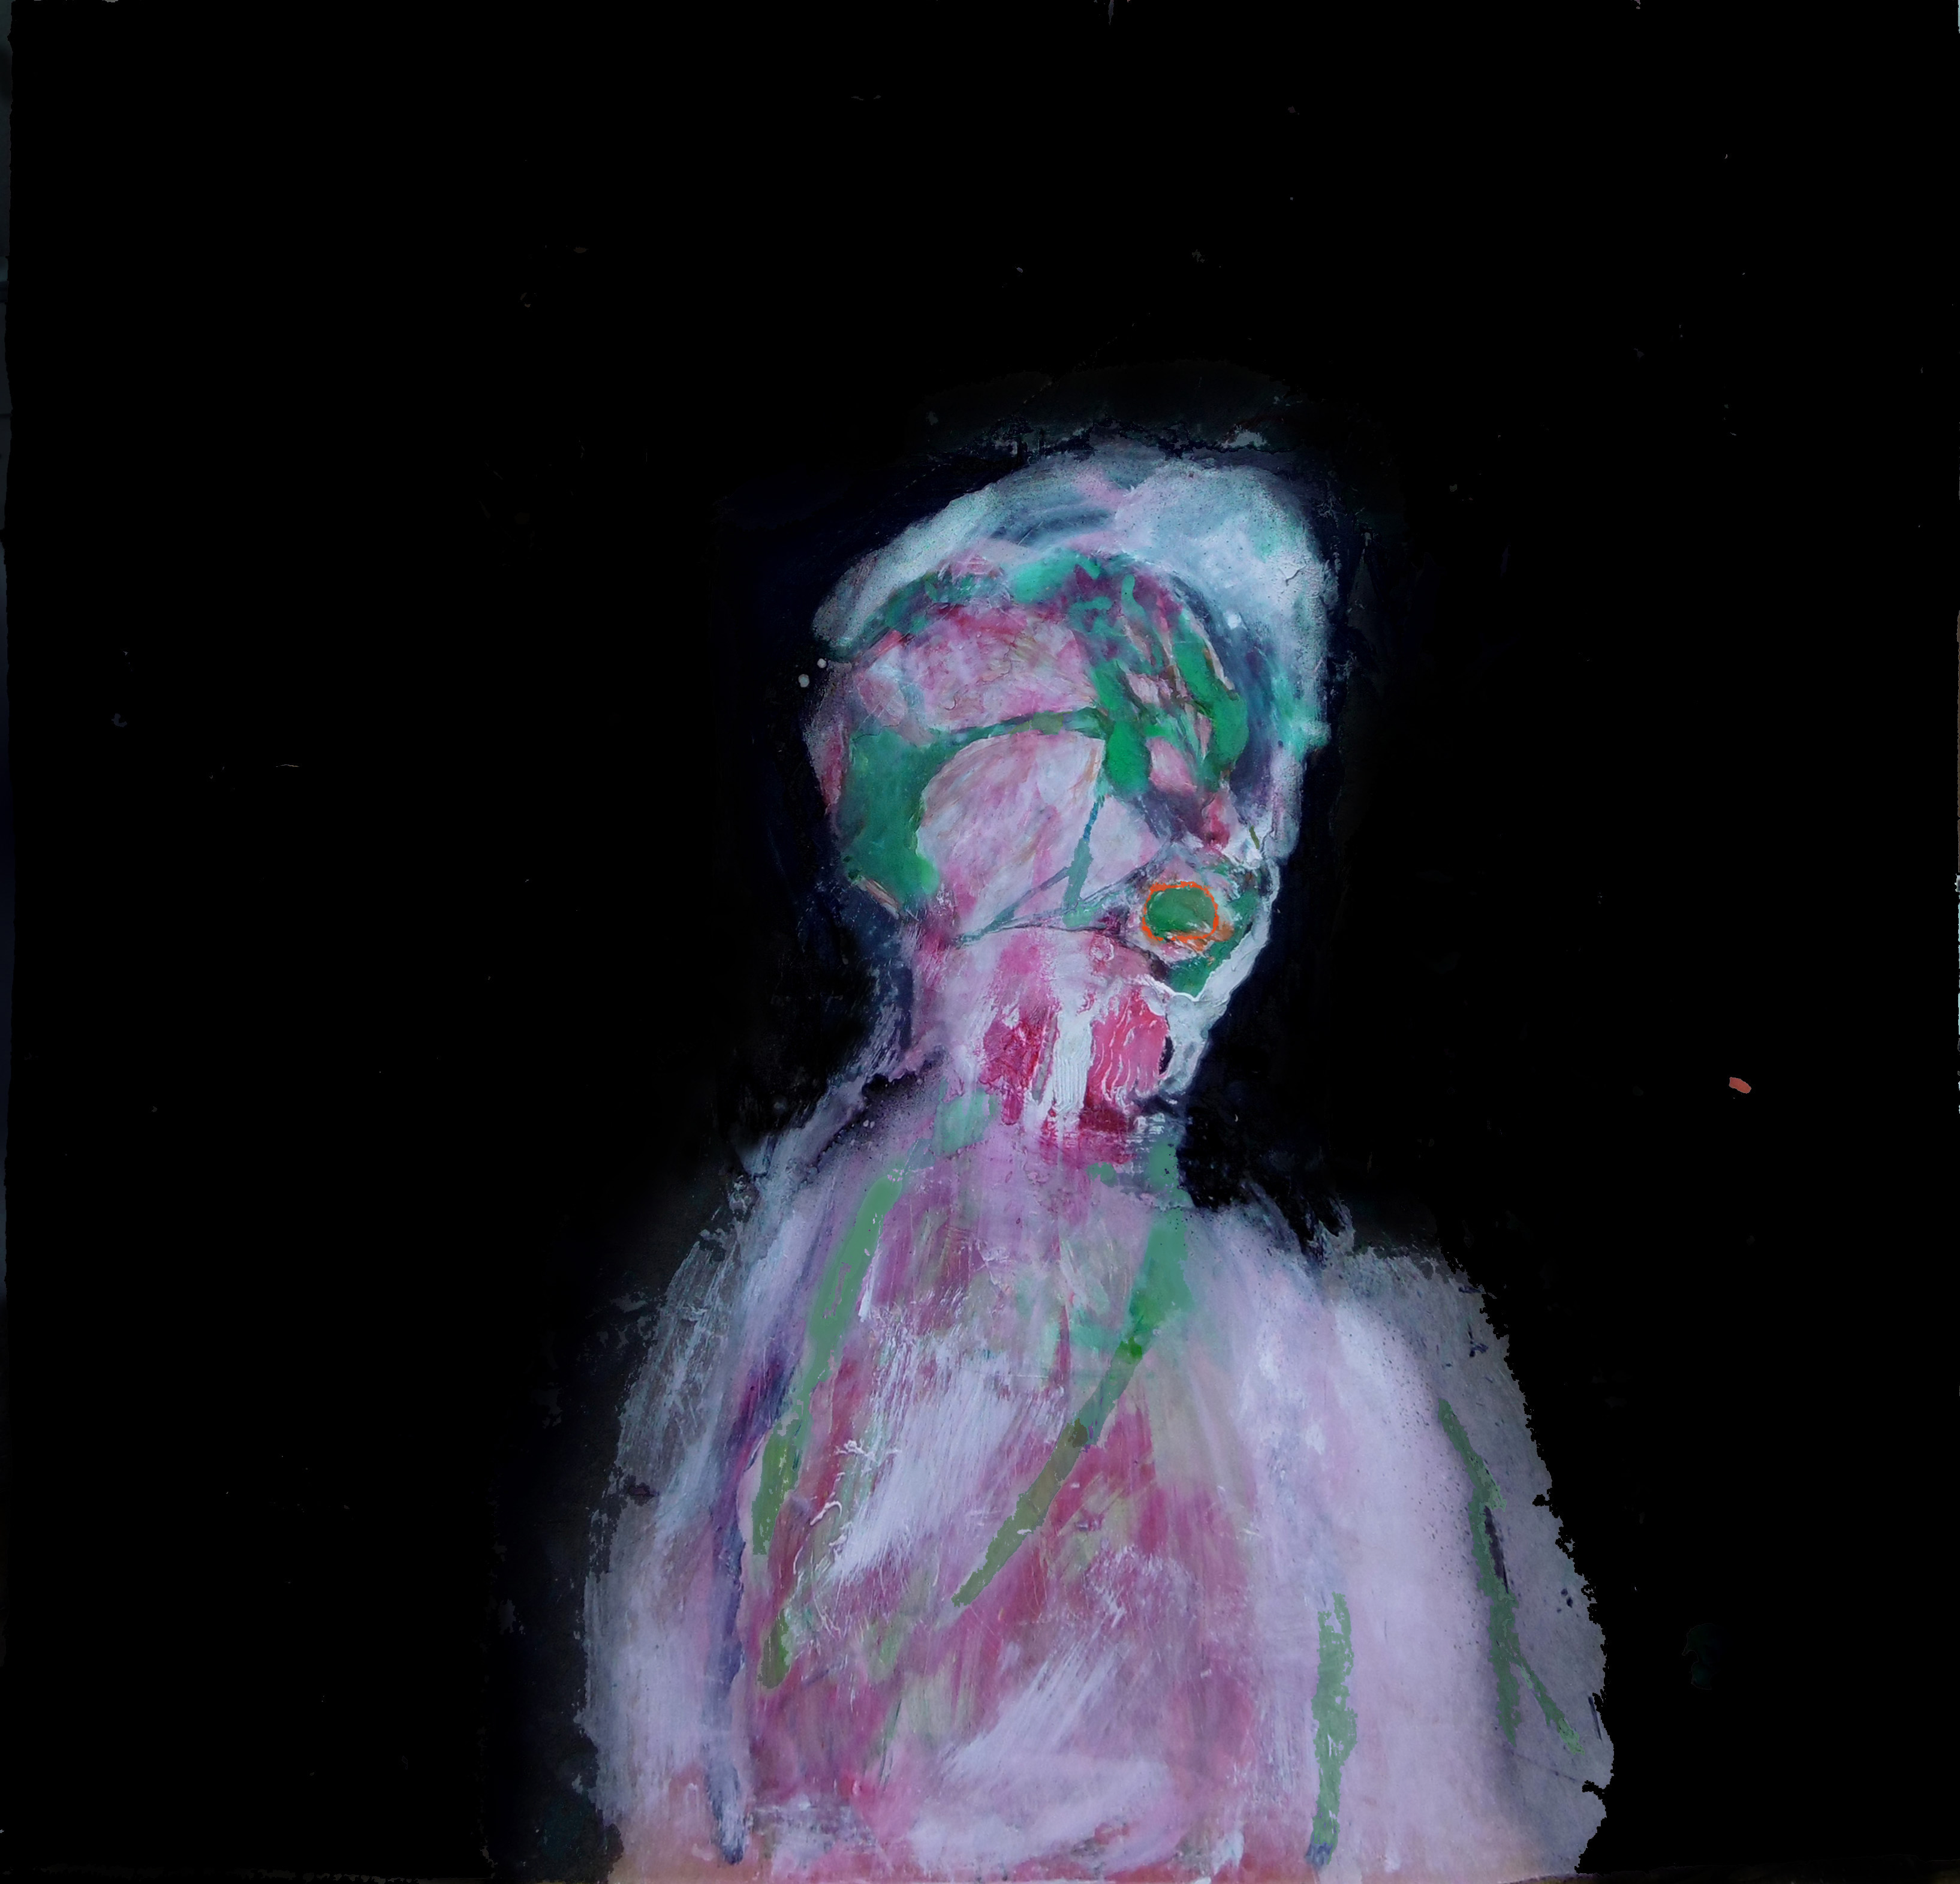 litten mask painting artist